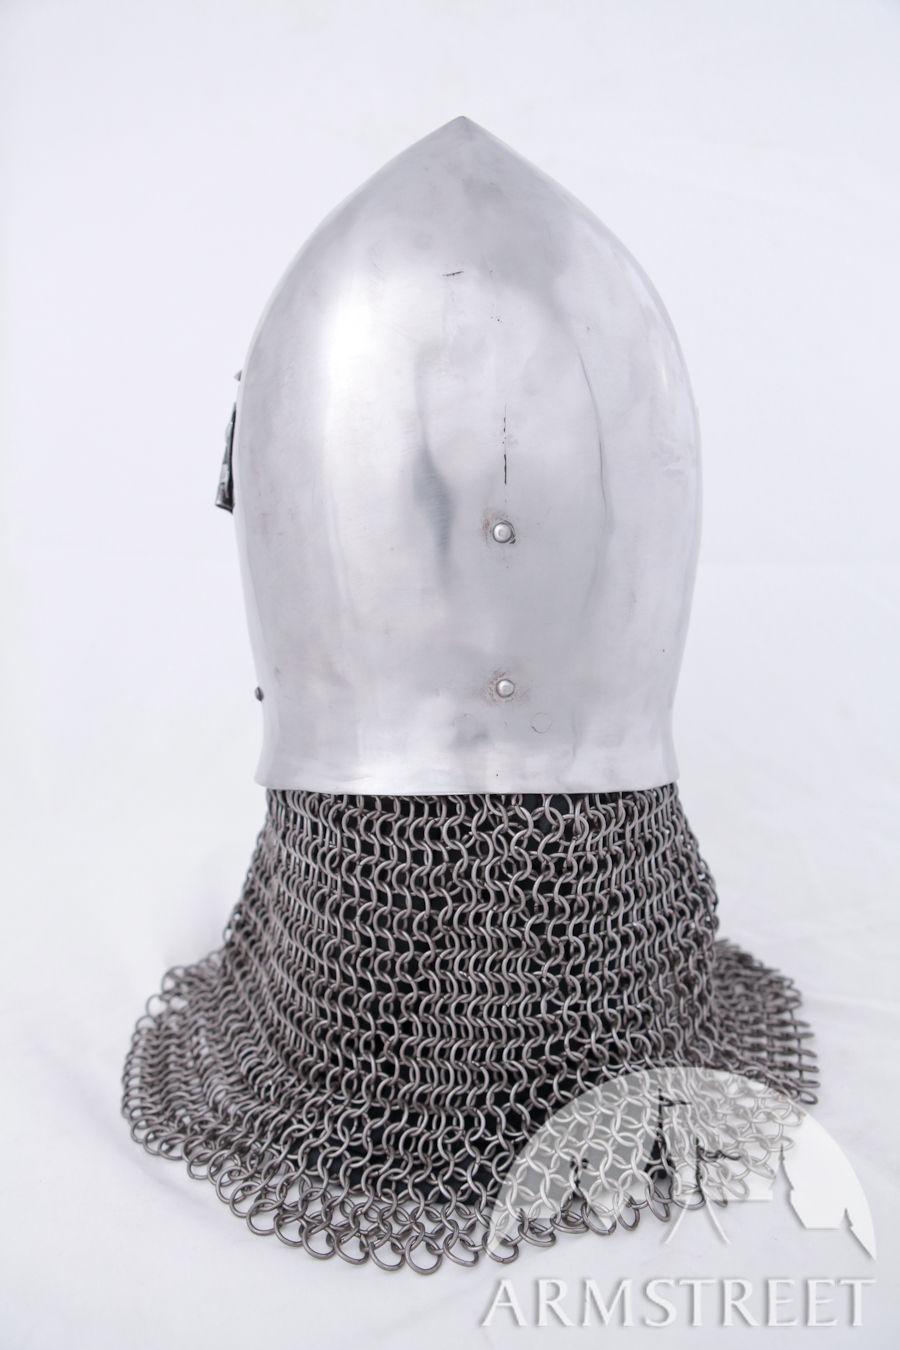 Great Quality Handmade 14 Ga Grand Bascinet Helmet For